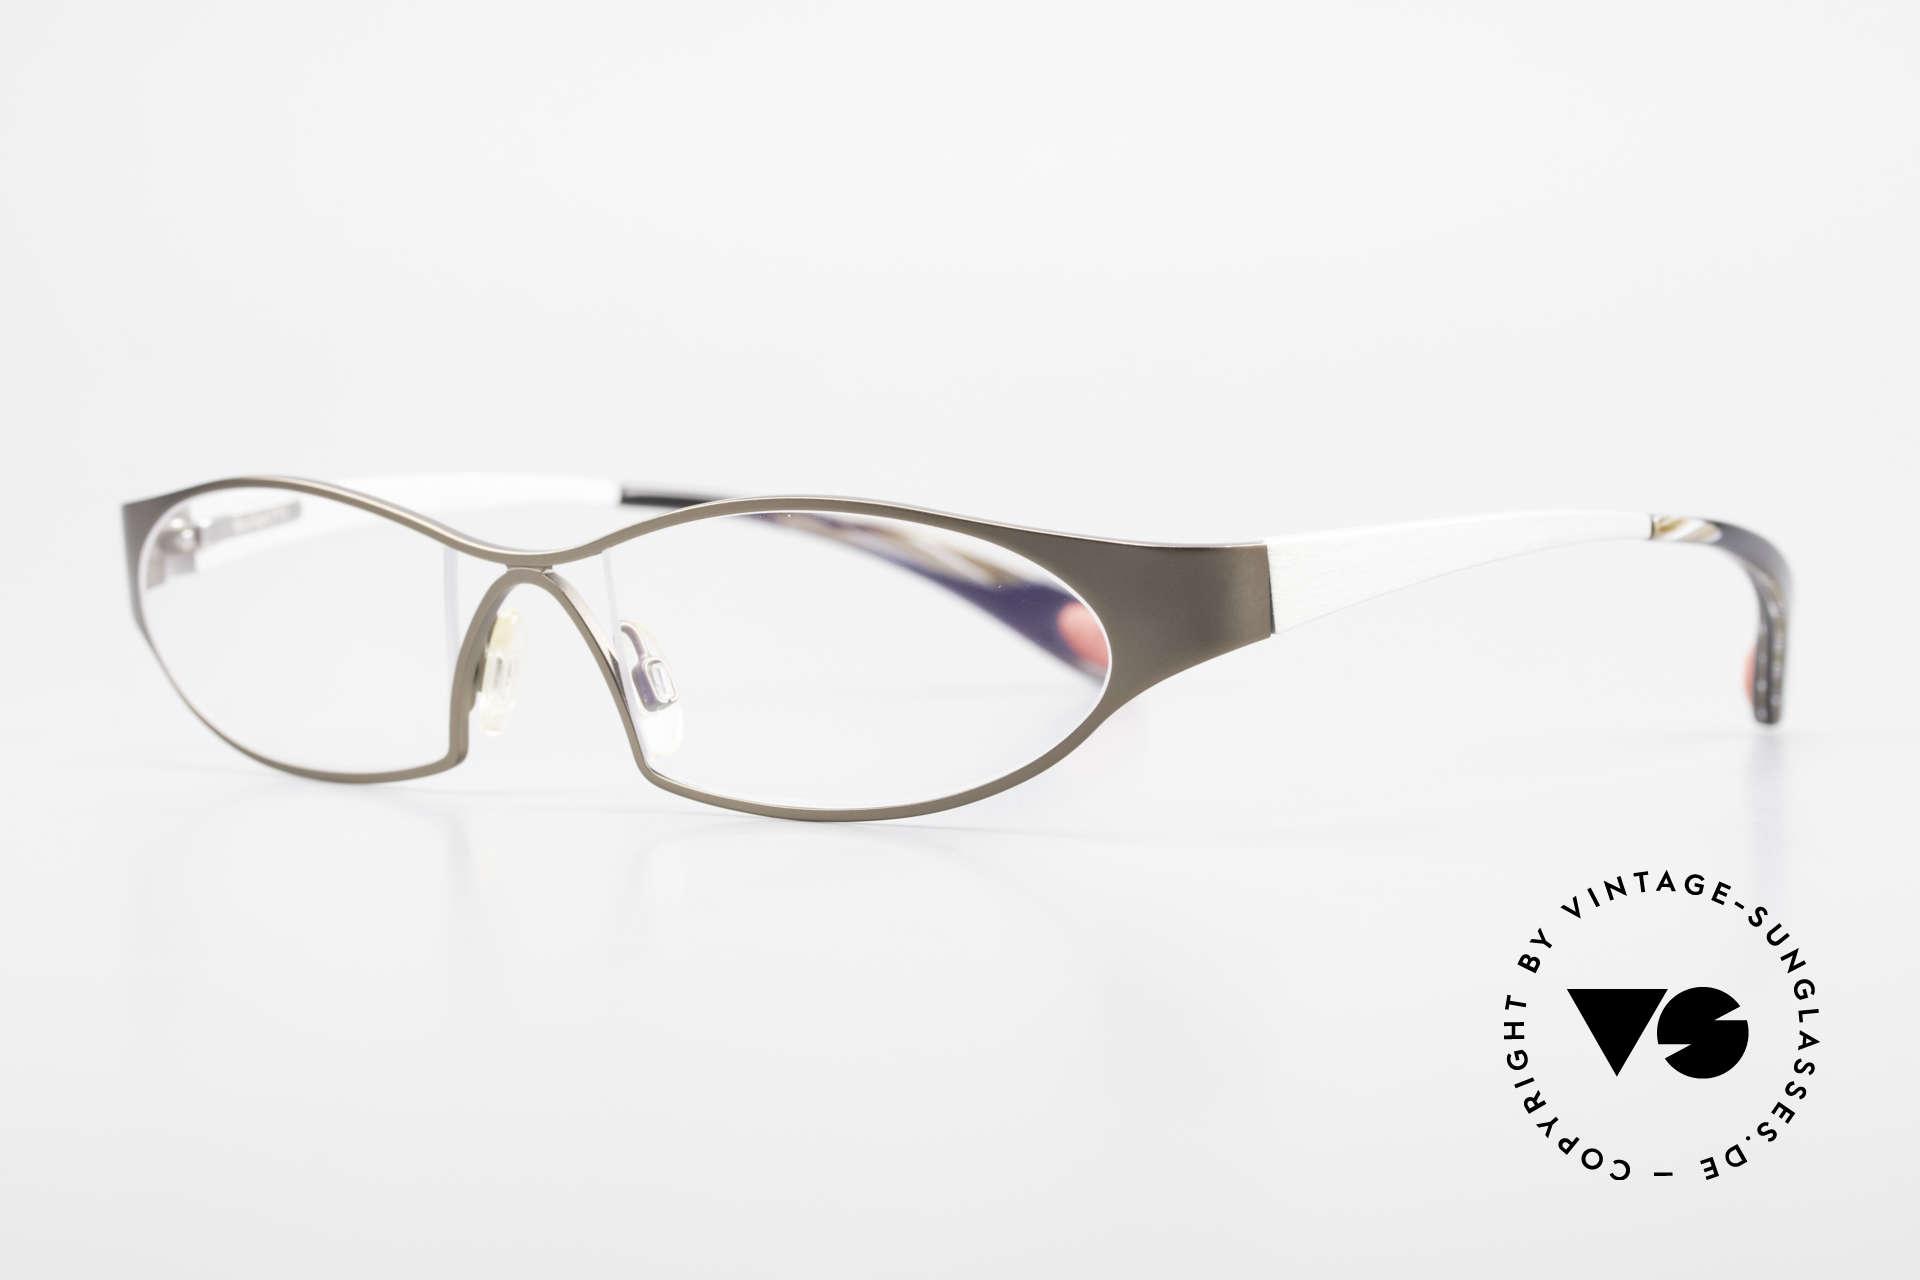 Bugatti 363 Odotype Rare Designer Brille Herren, ergonomischer Rahmen mit Federscharnieren, Passend für Herren